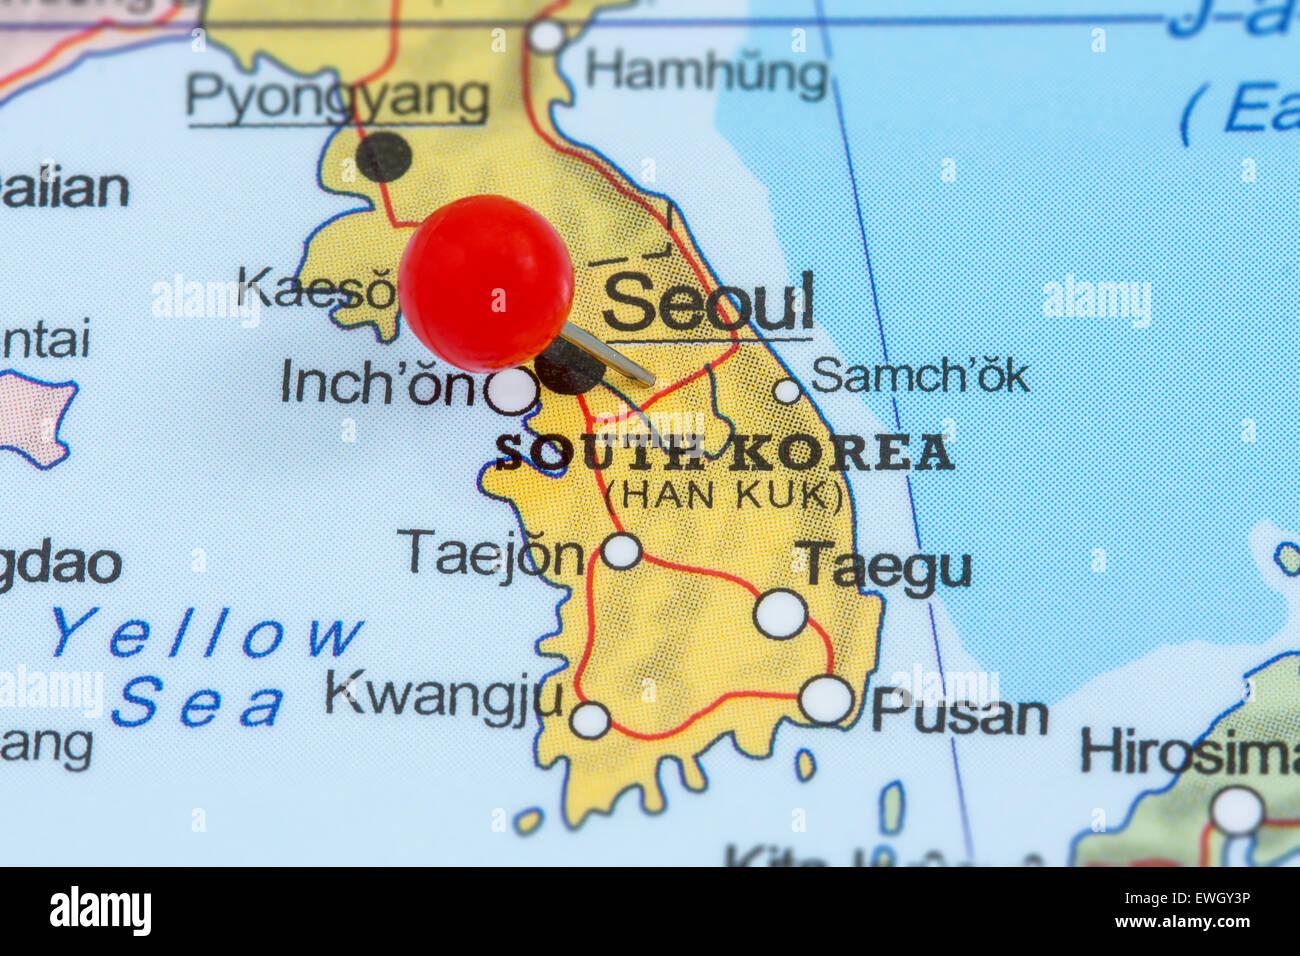 Südkorea Karte.Karte Von Korea Stockfotos Karte Von Korea Bilder Alamy